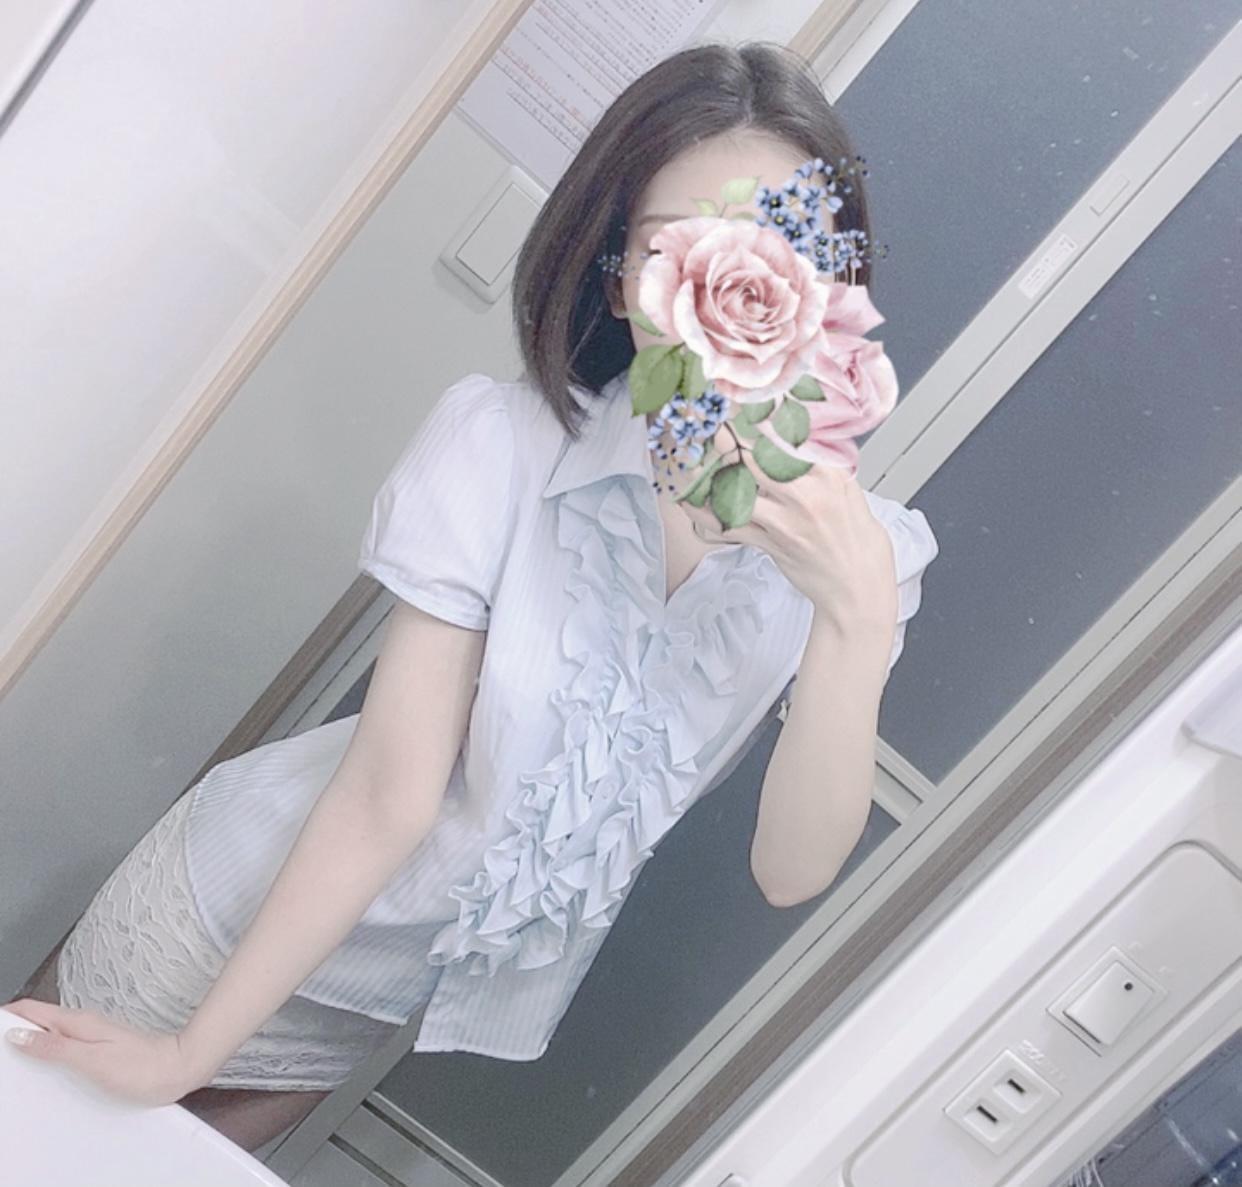 「出勤しました」02/22(月) 18:17   椎名(しいな)の写メ日記